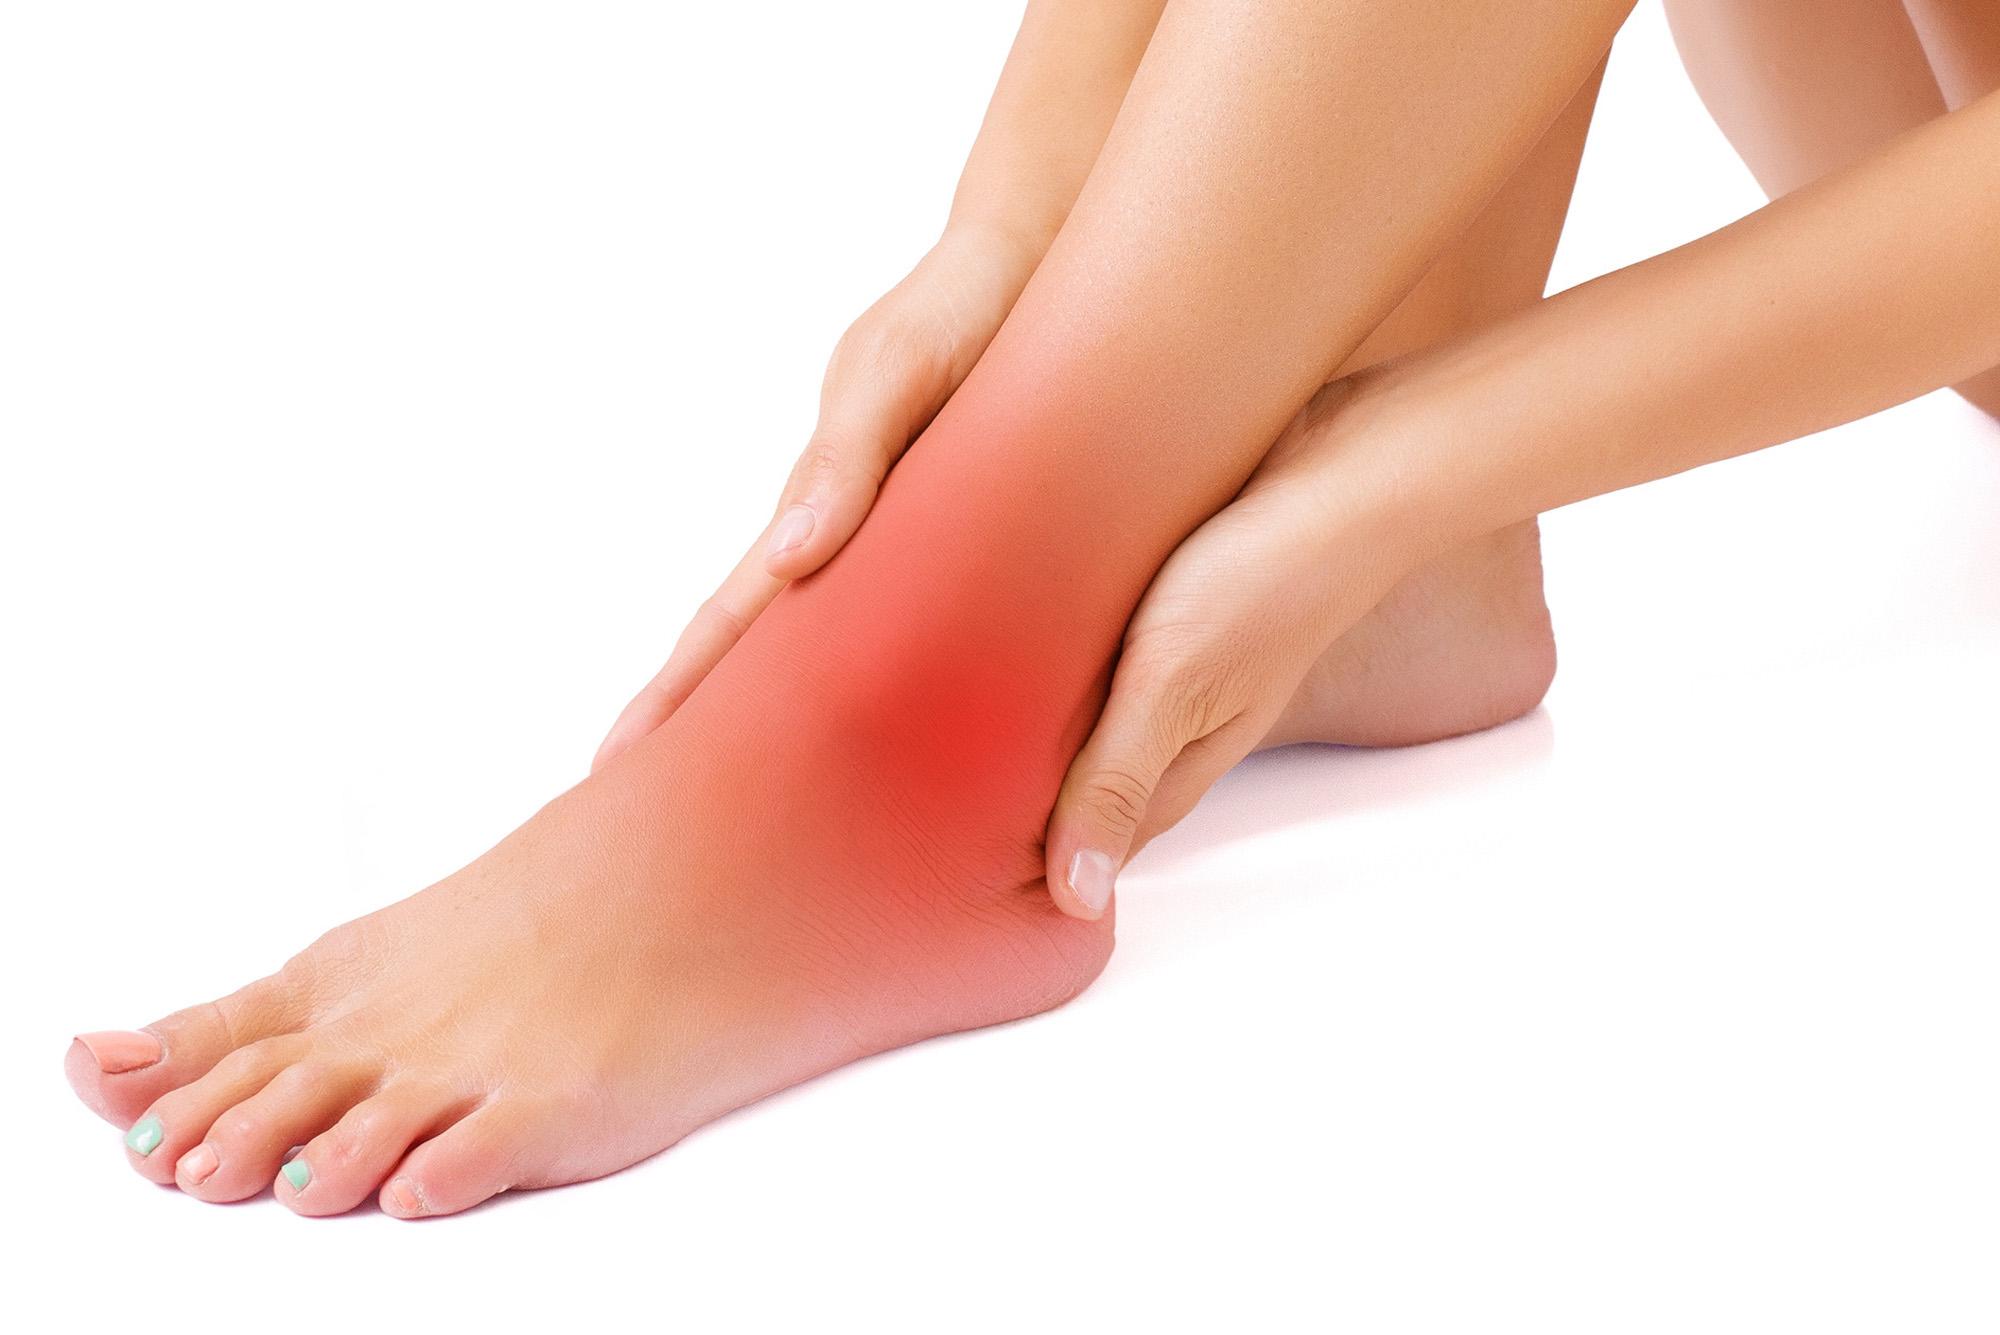 zdravljenje športnih poškodb z akupunkturo